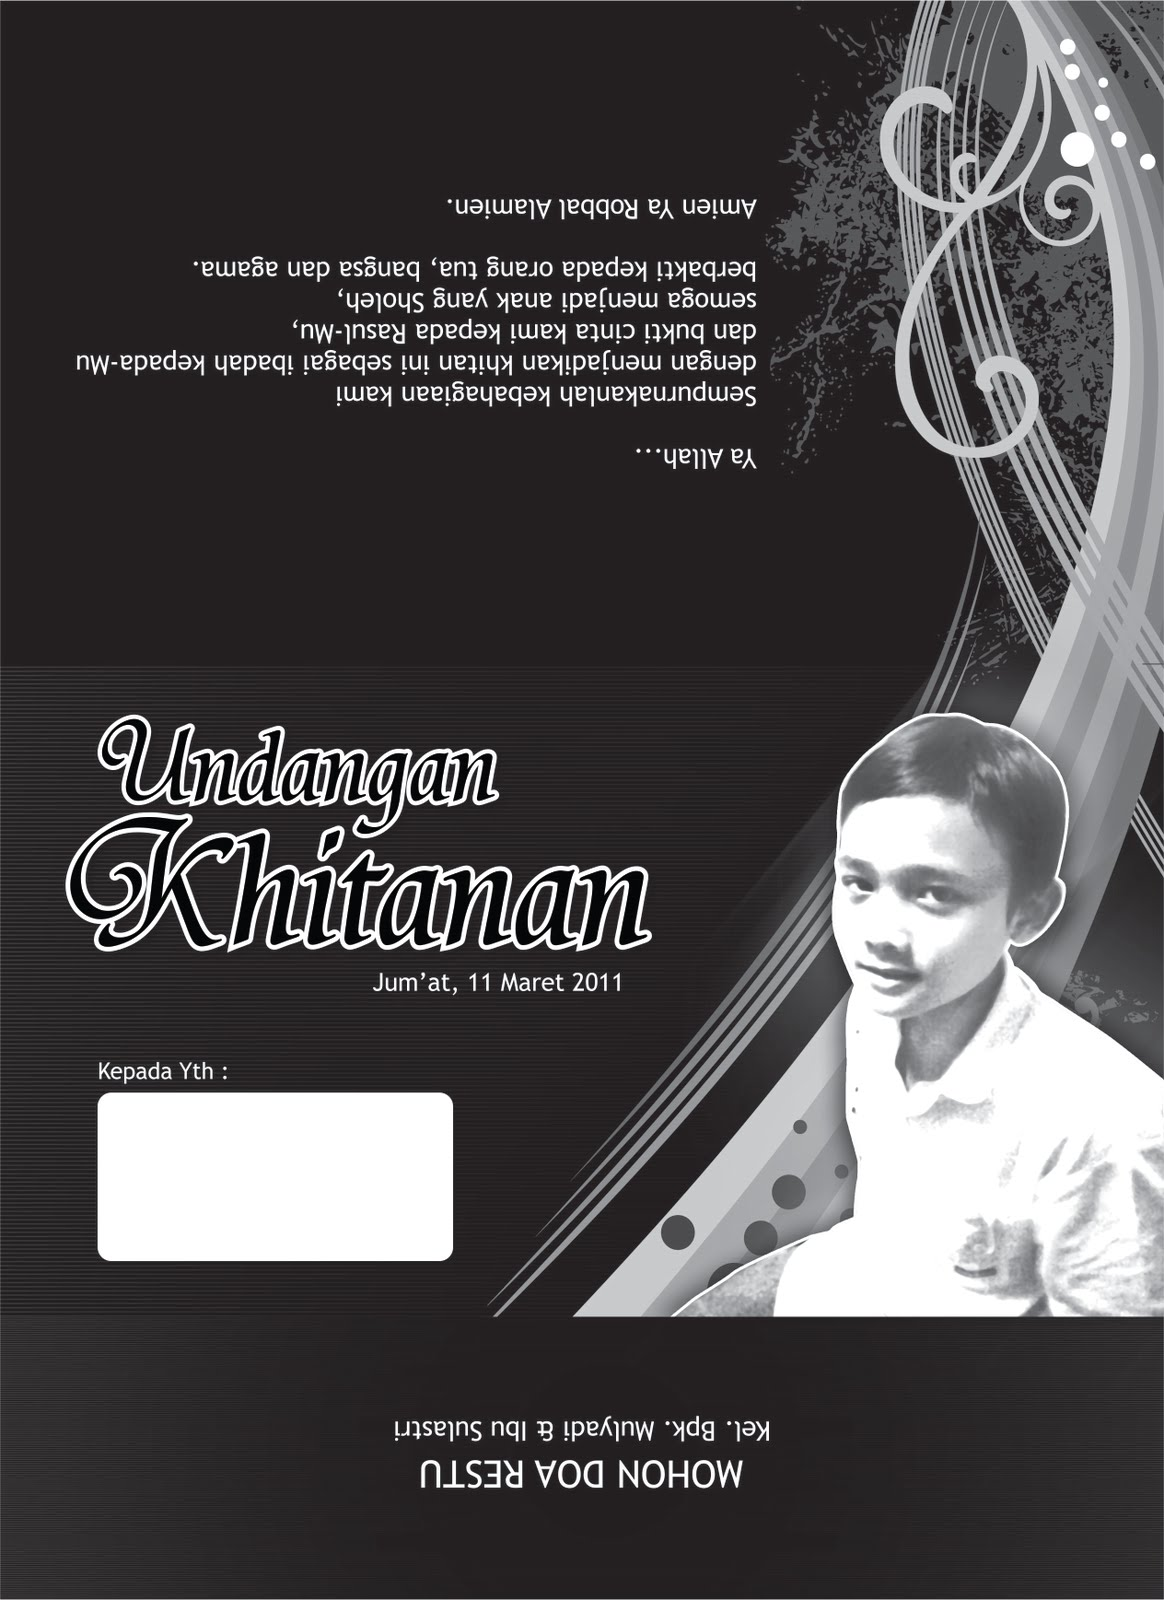 Contoh Design Undangan Khitanan Bukhory Print